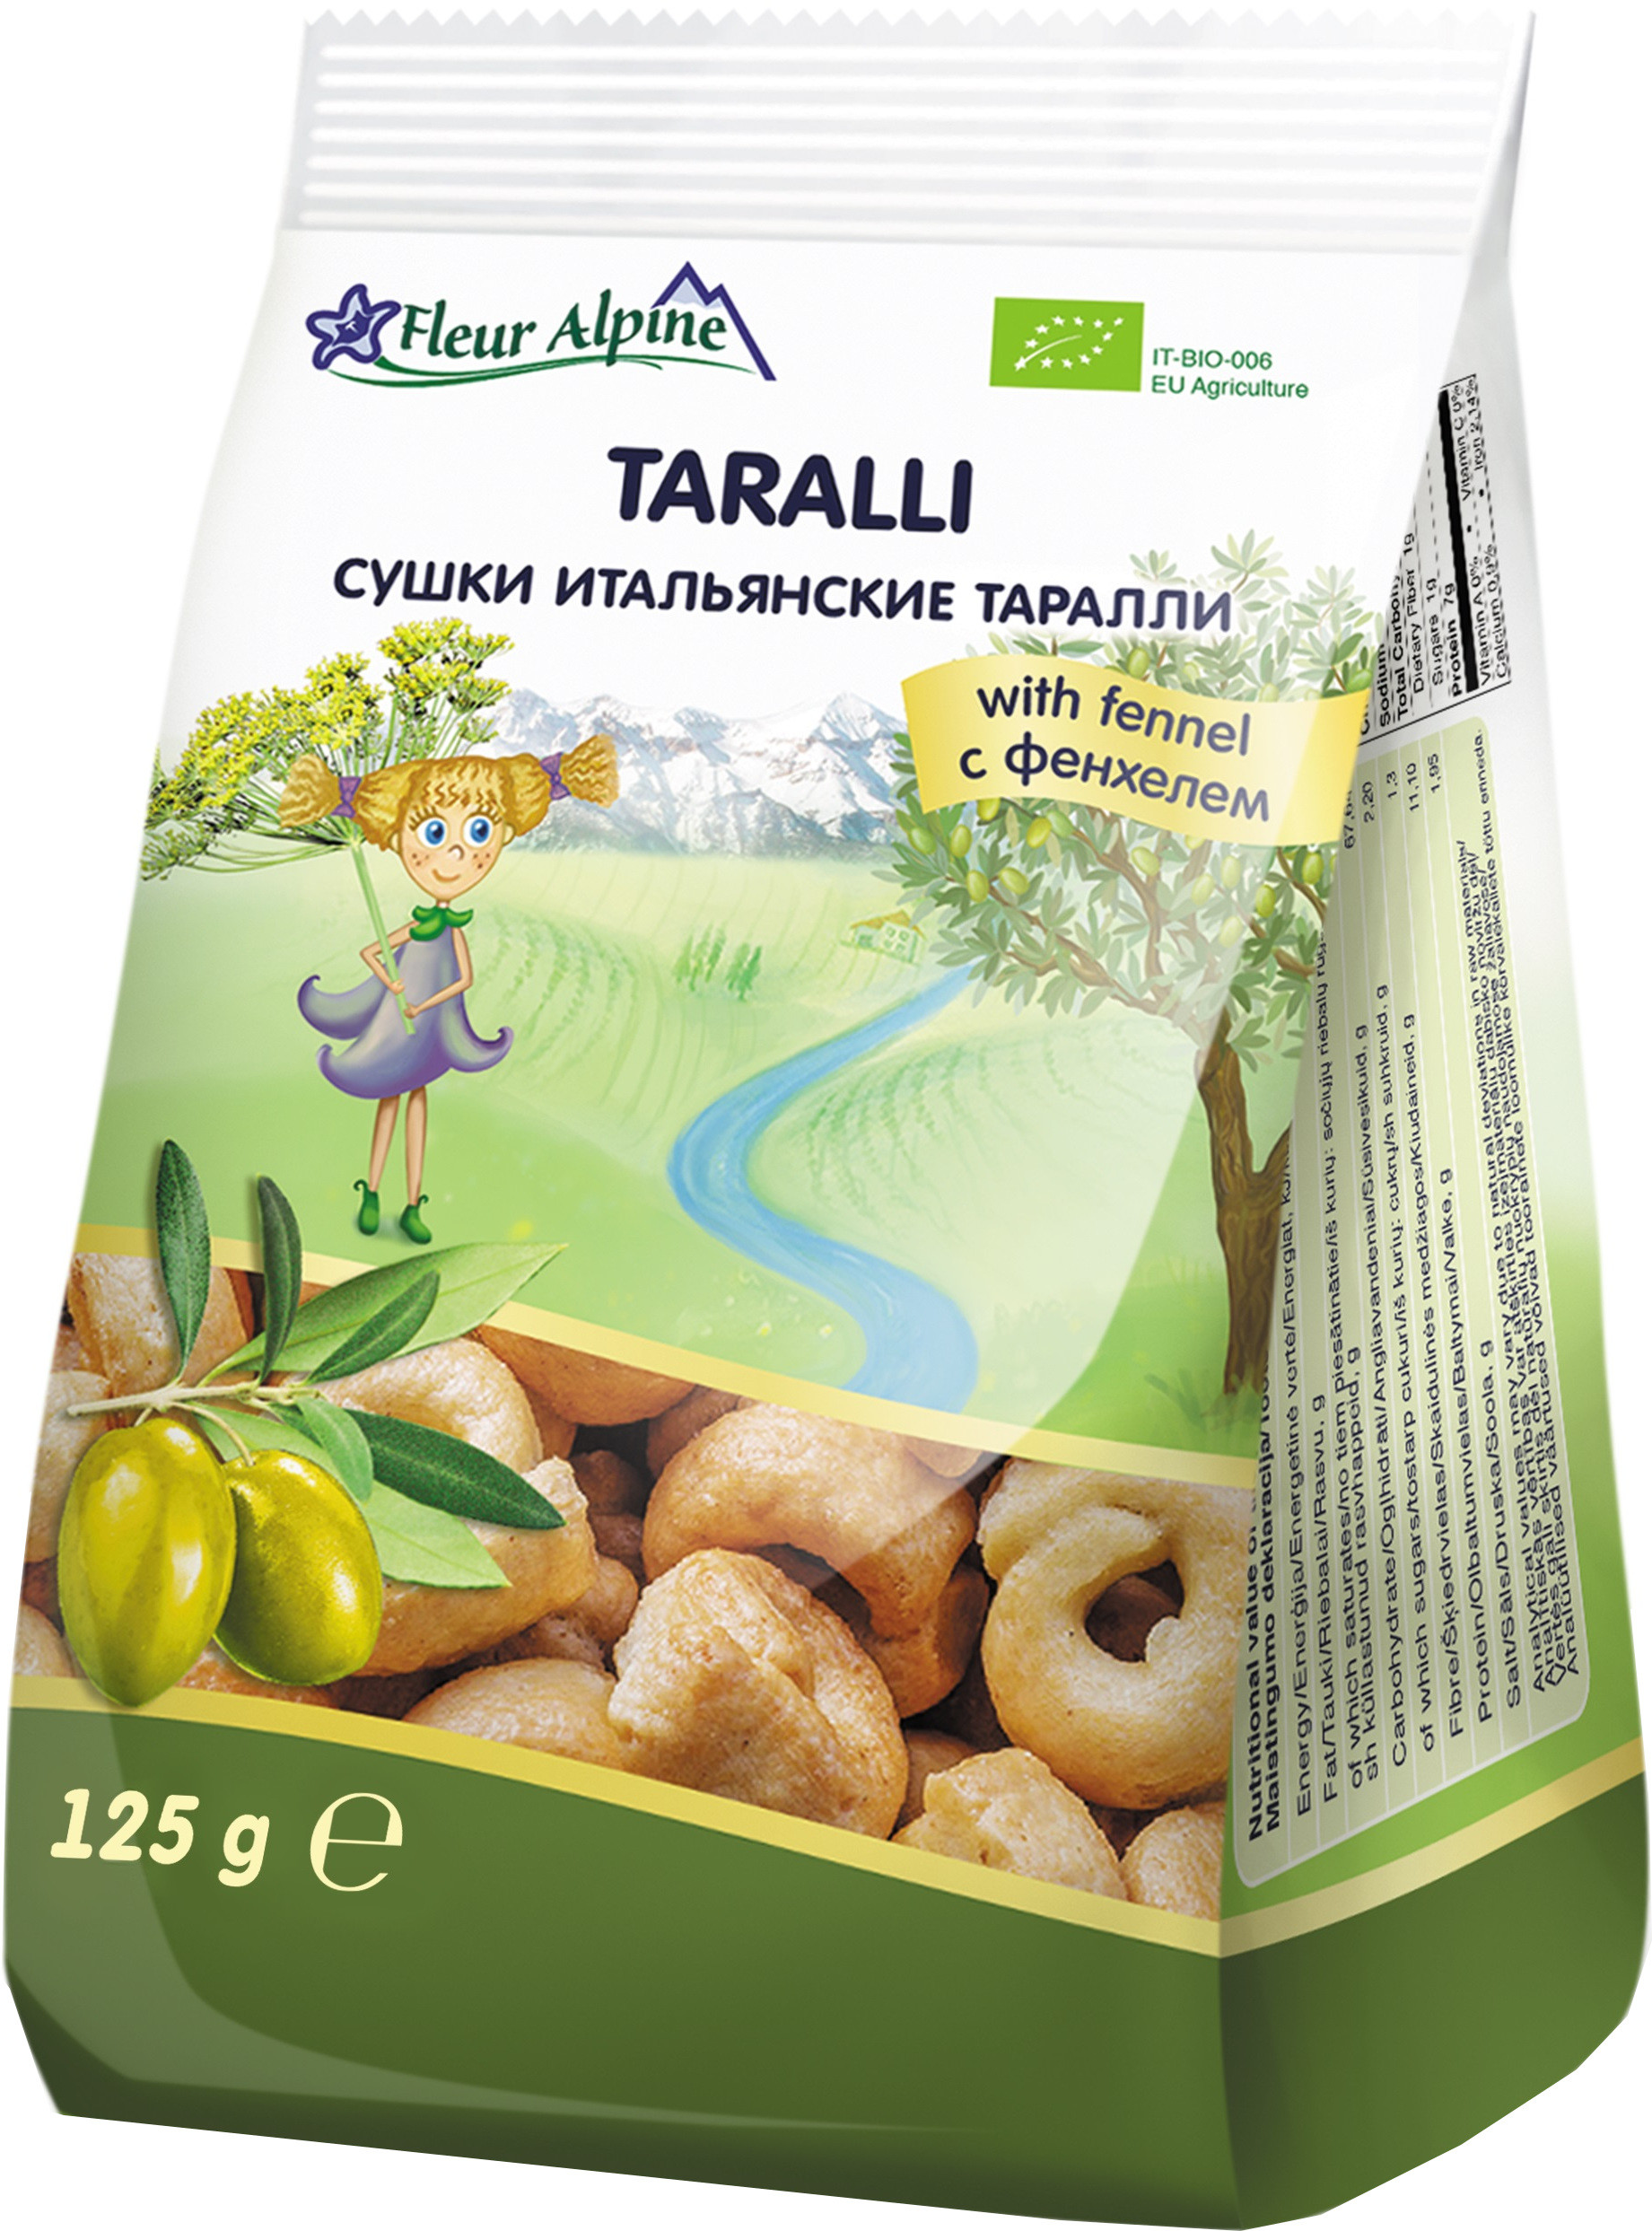 Сушки Fleur Alpine Taralli с фенхелем итальянские 125 г